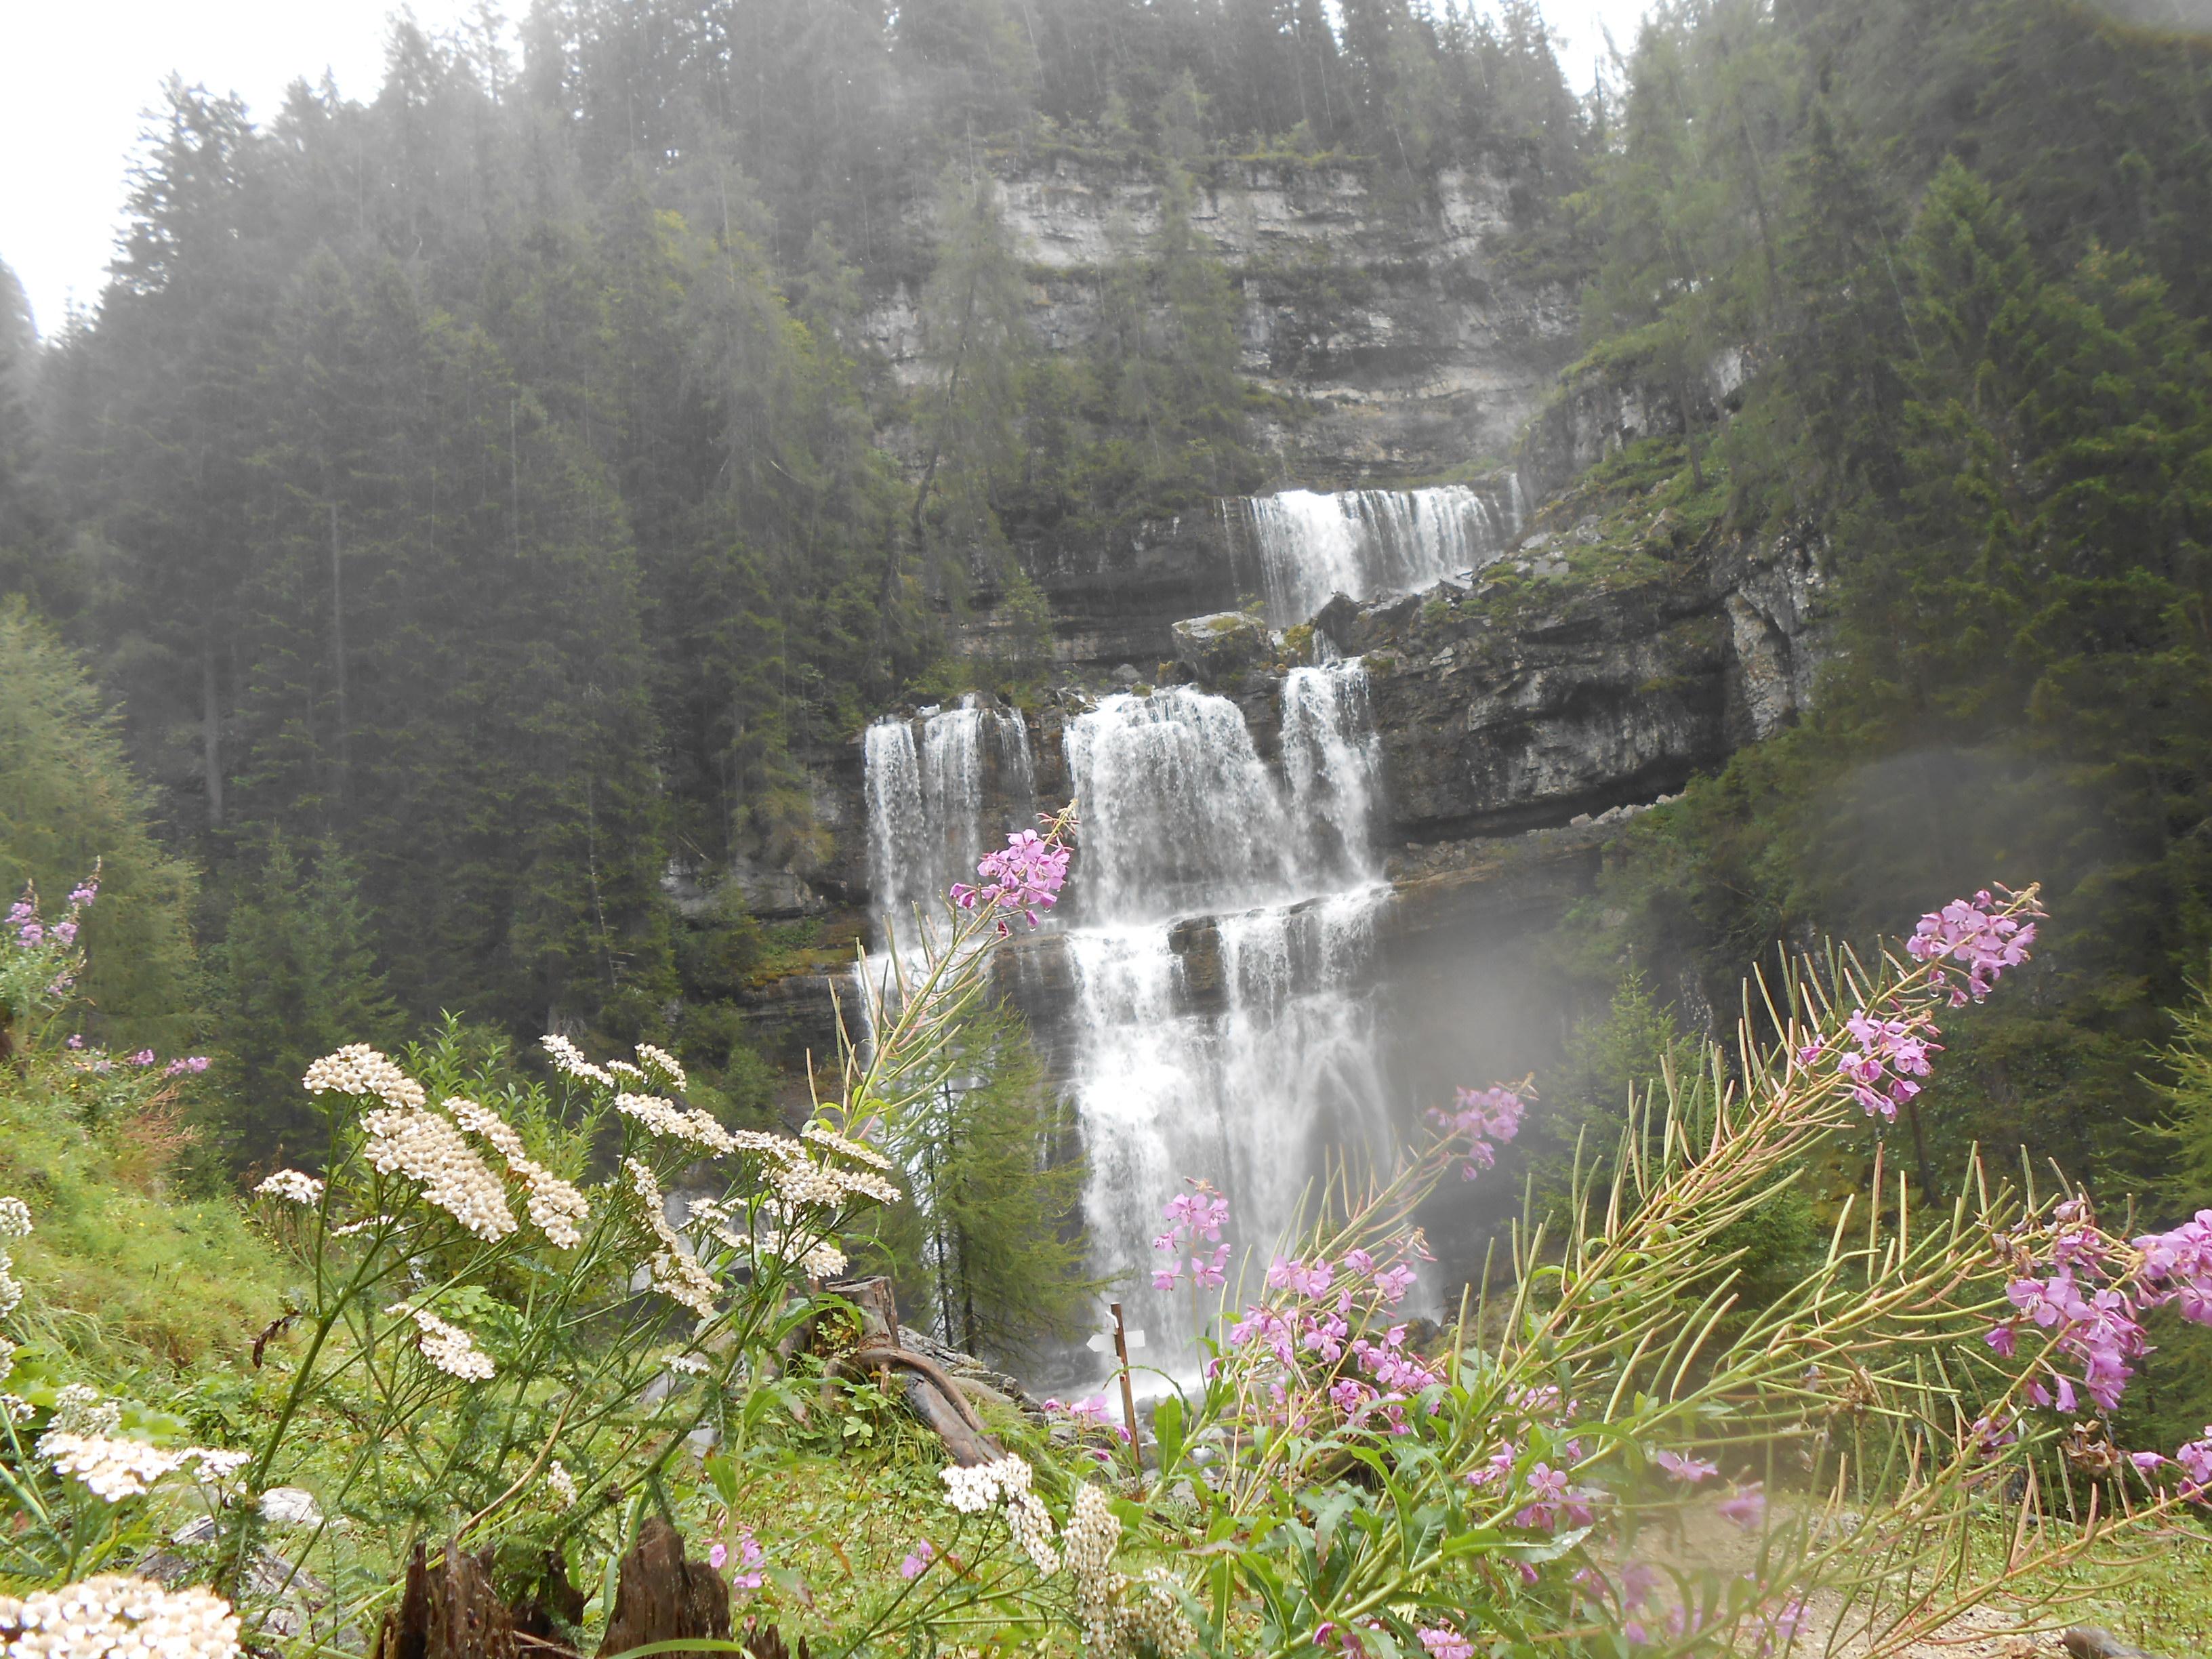 Wasserfall mit Blumen im Vordergrund